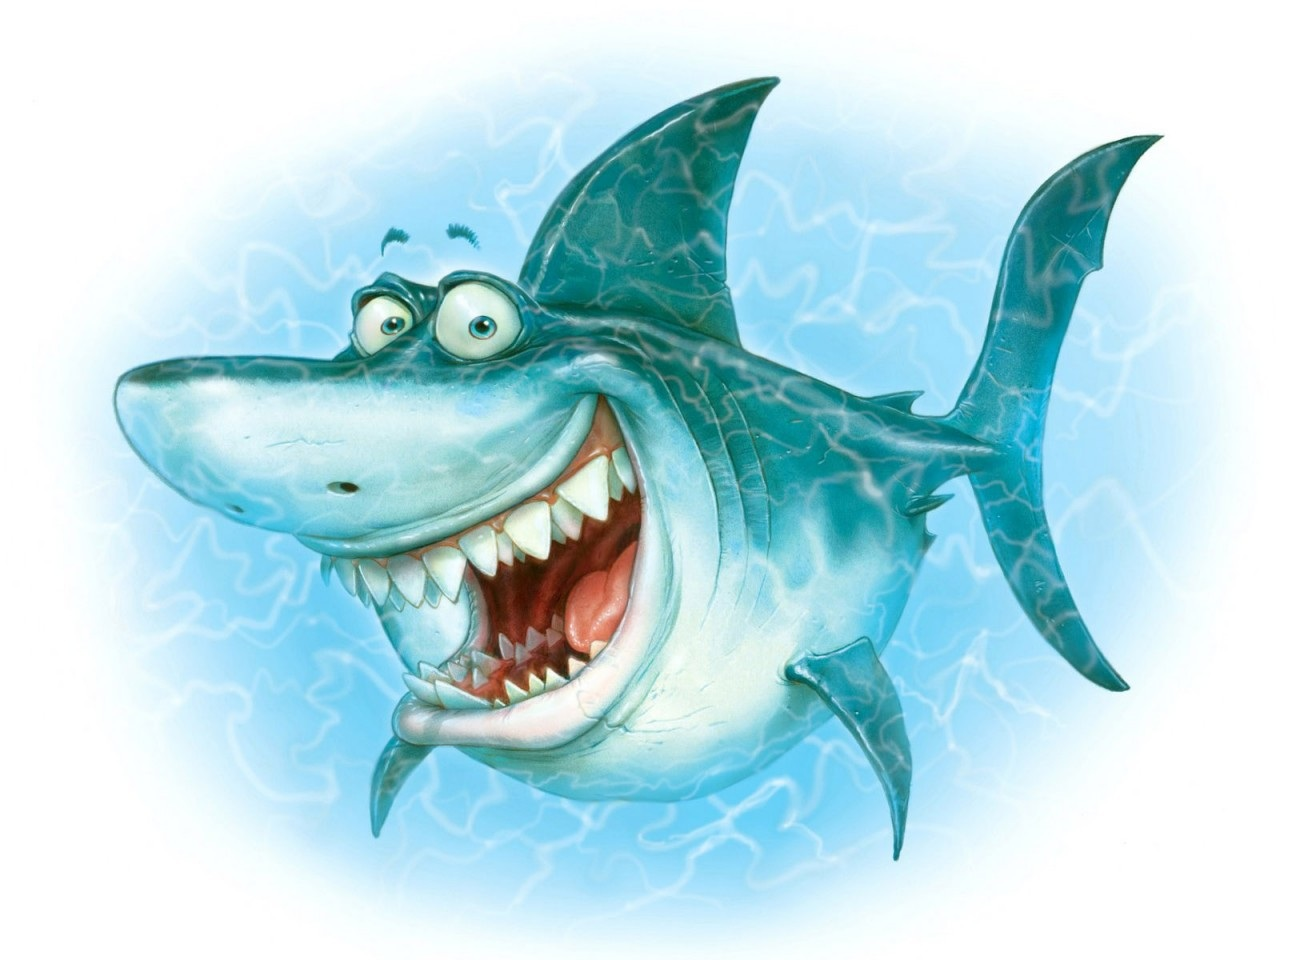 Shark Illustration Funny Smiling Hd Wallpaper